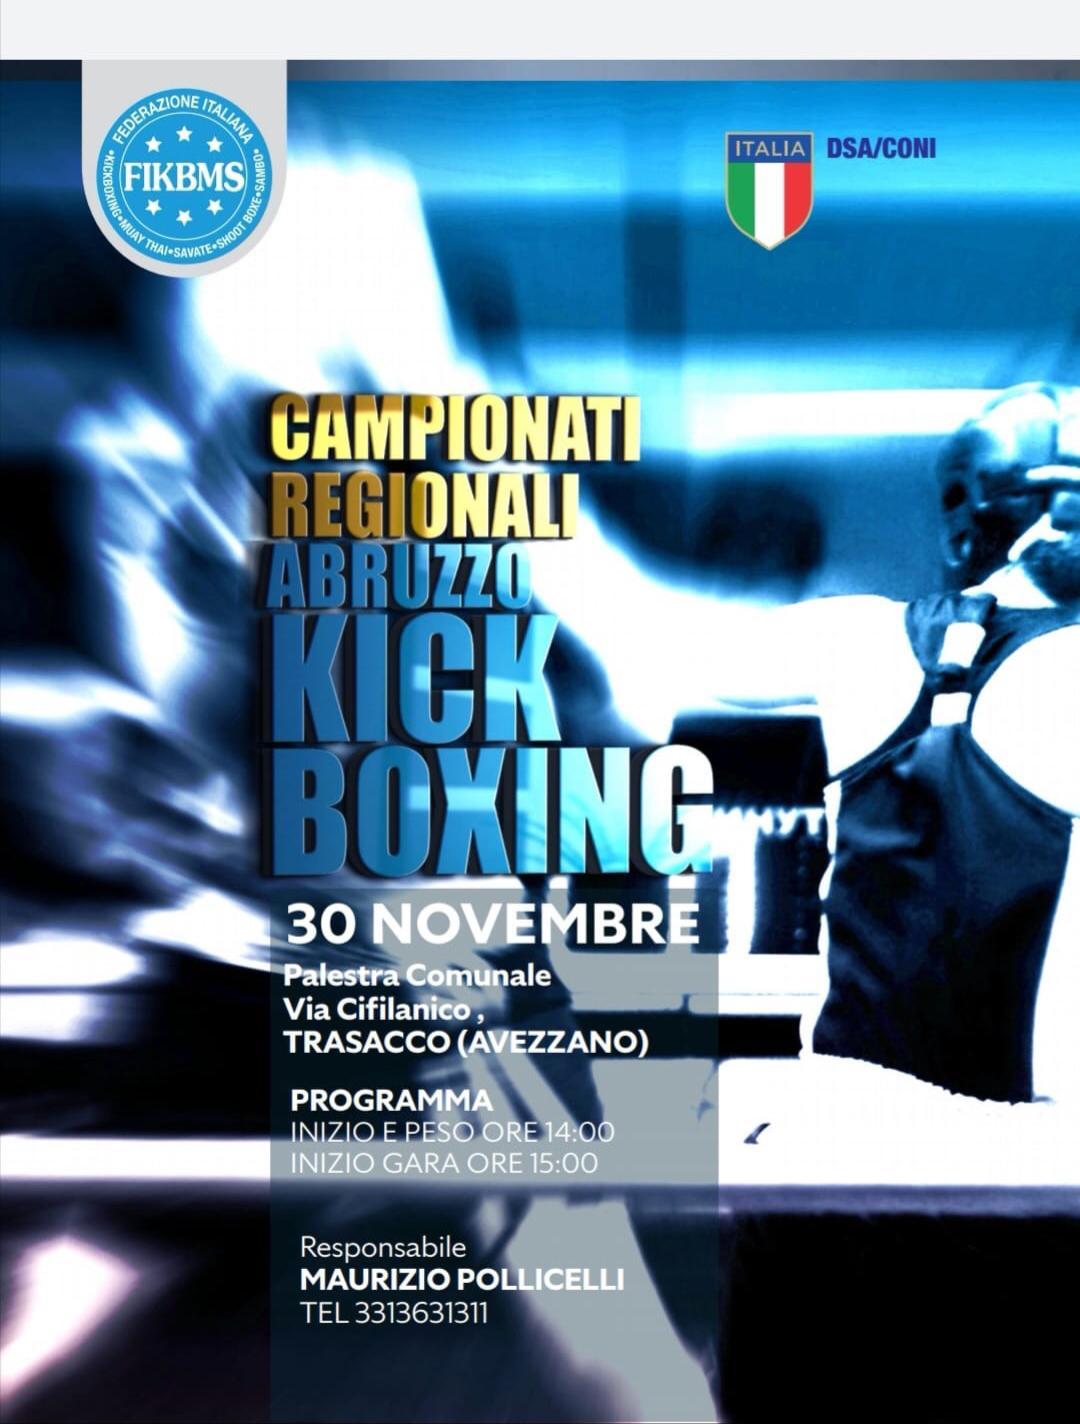 Qualificazioni Campionato di kickboxing a Trasacco